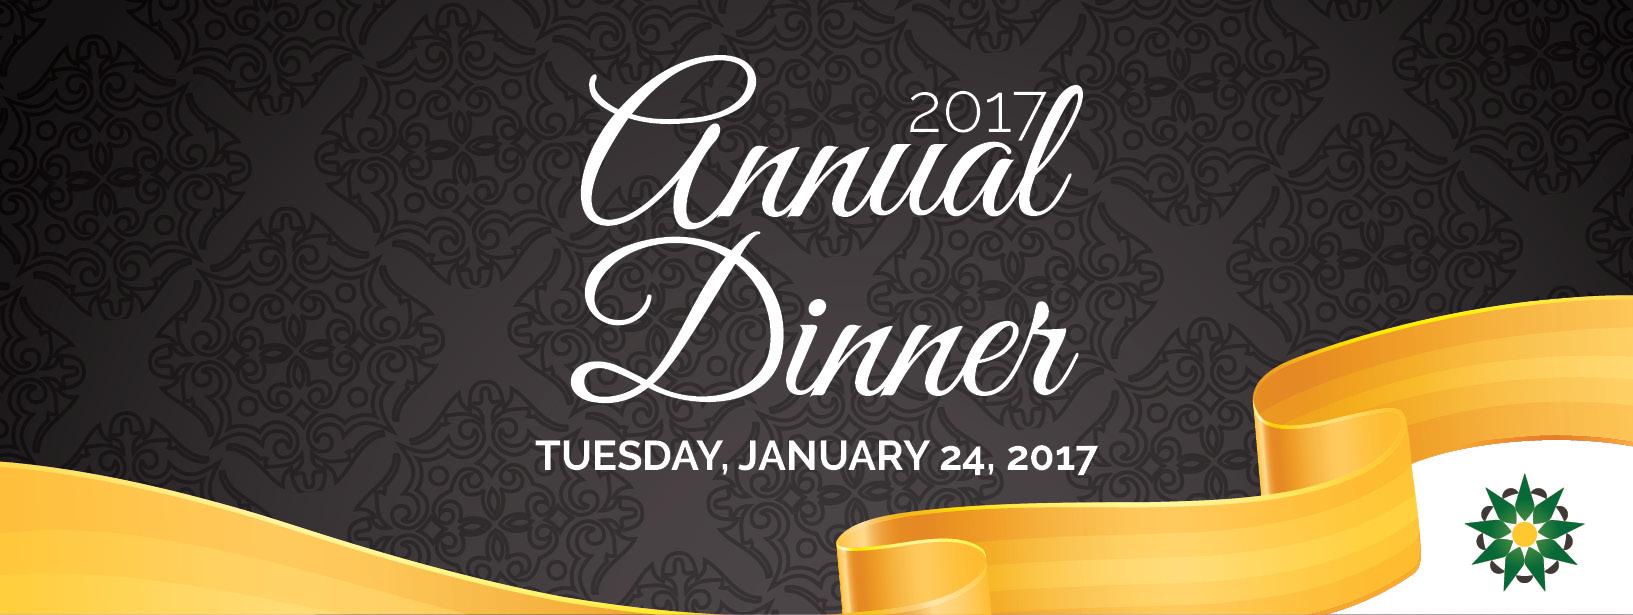 Chamber-Annual-Dinner-2017-Facebook-Header-(1).jpg